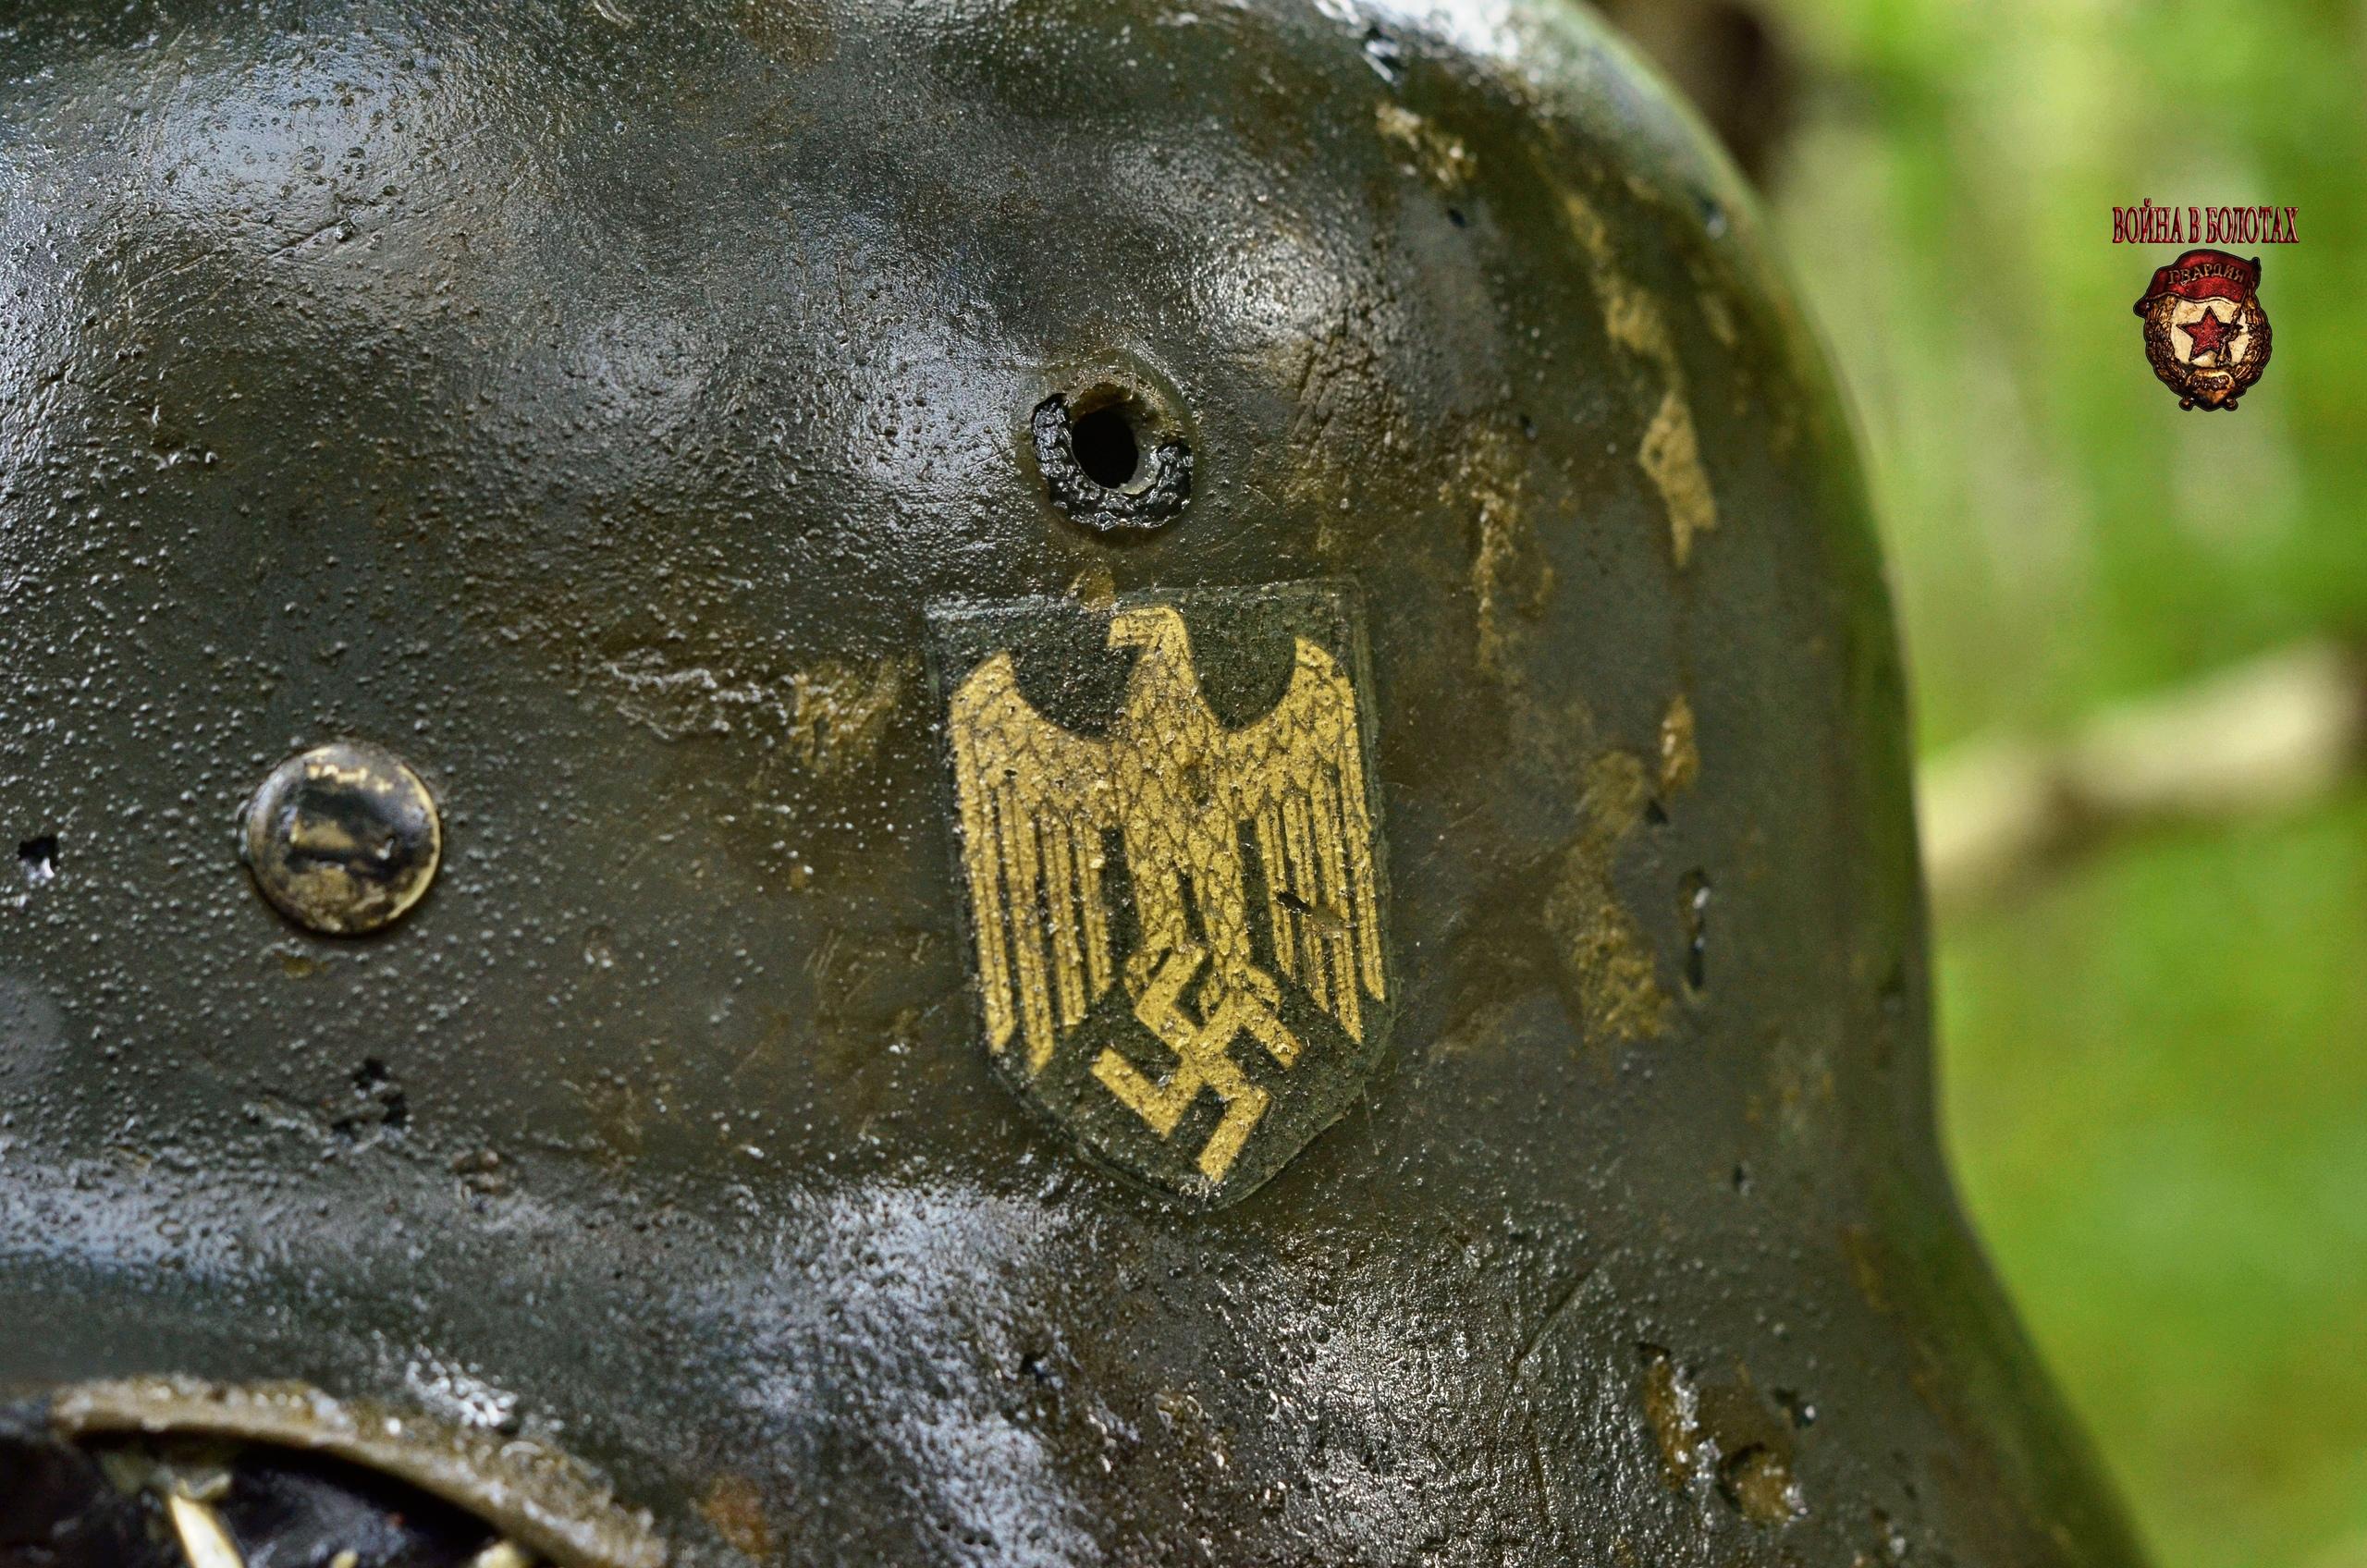 Decal on a German helmet.